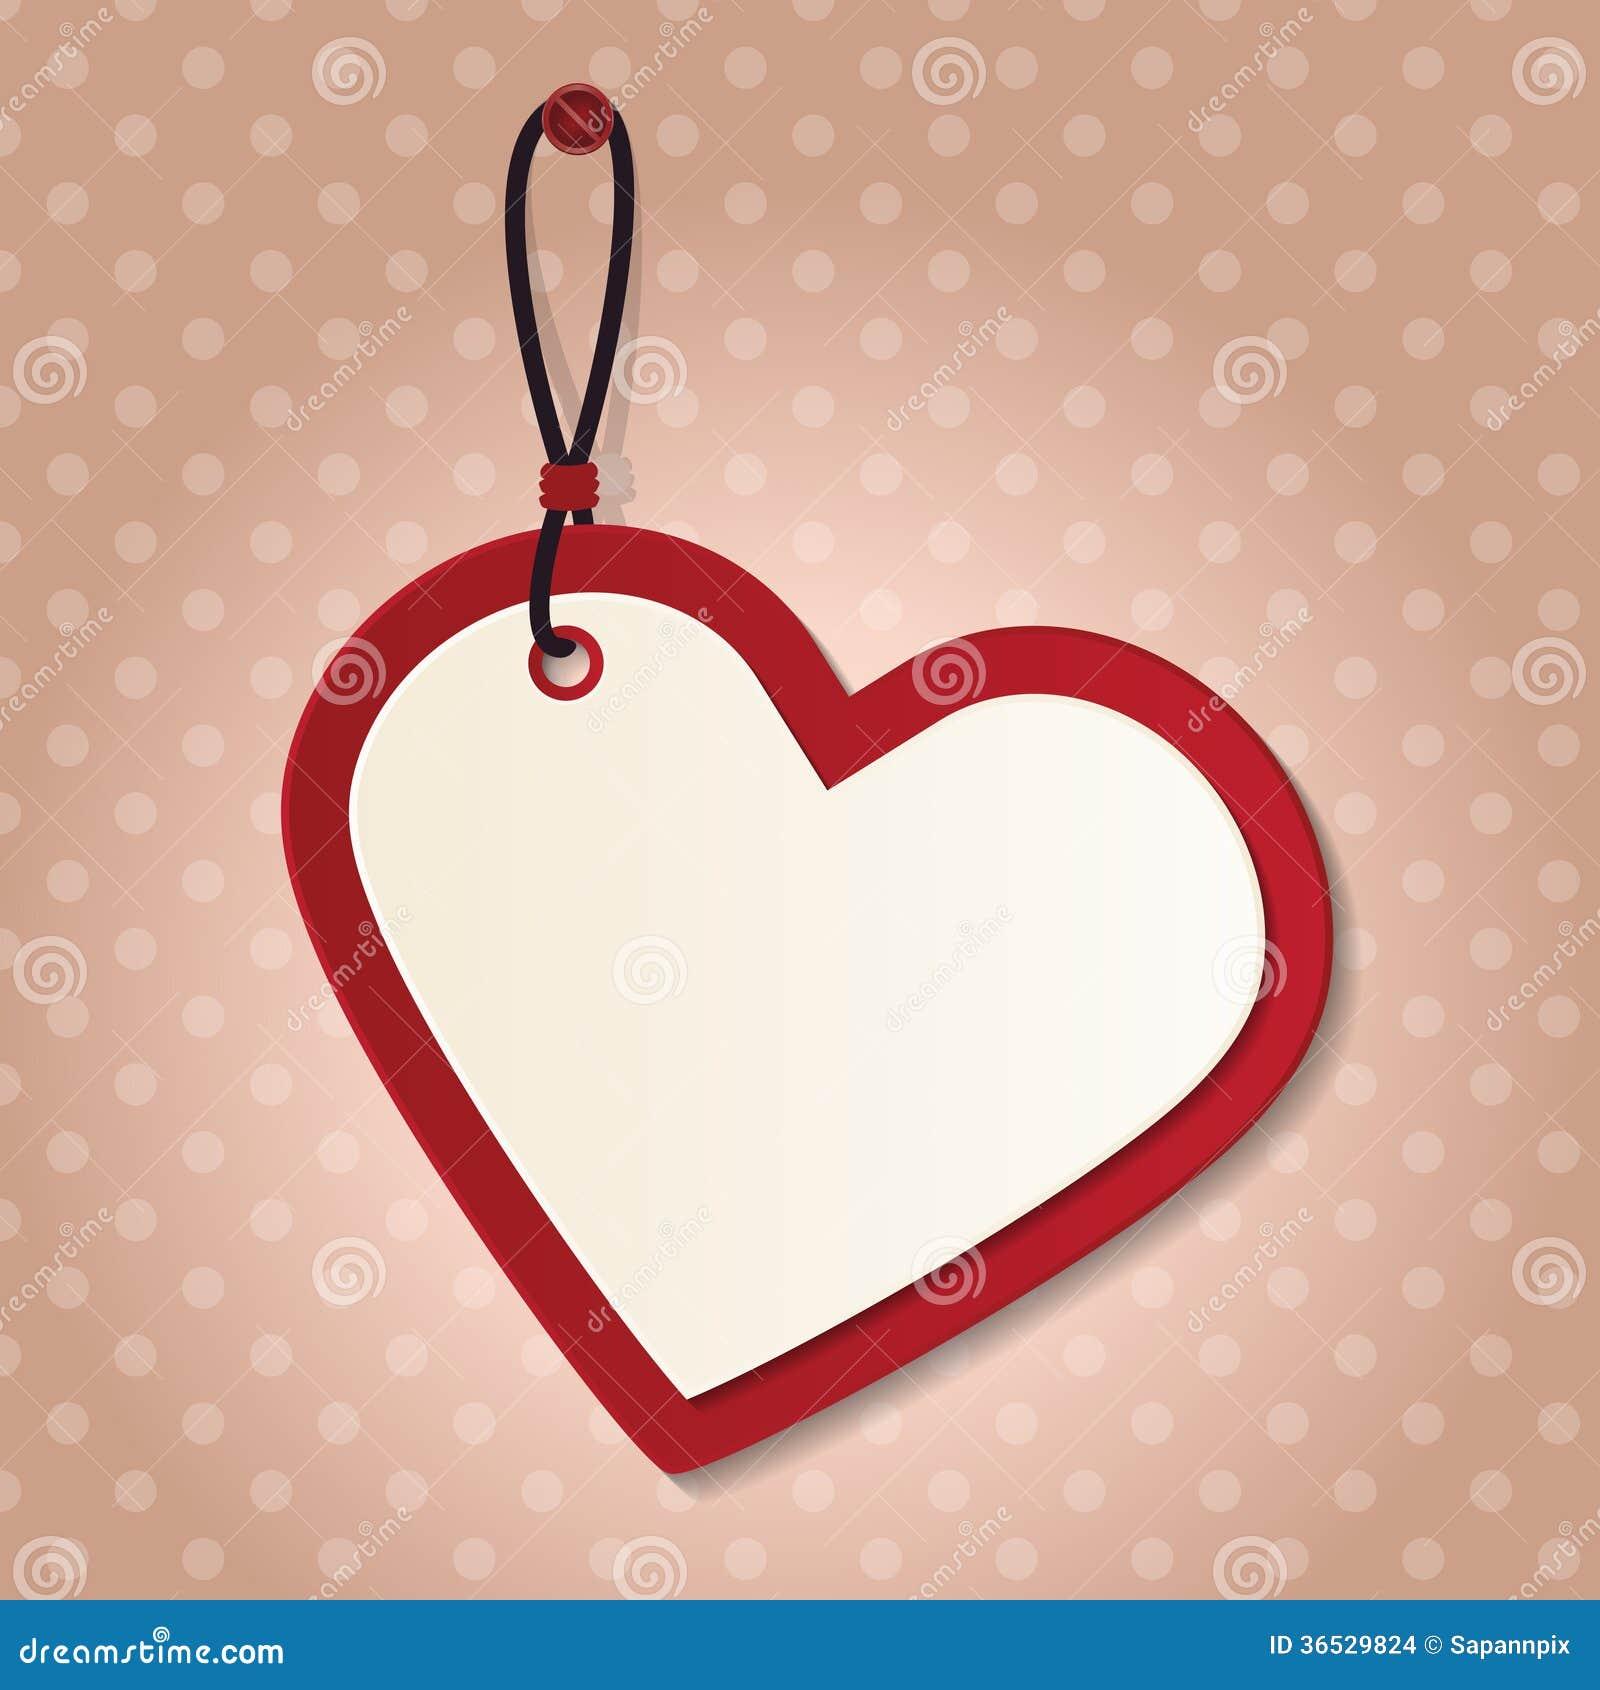 Atractivo Corazón Imagen Con Etiquetas Regalo - Anatomía de Las ...